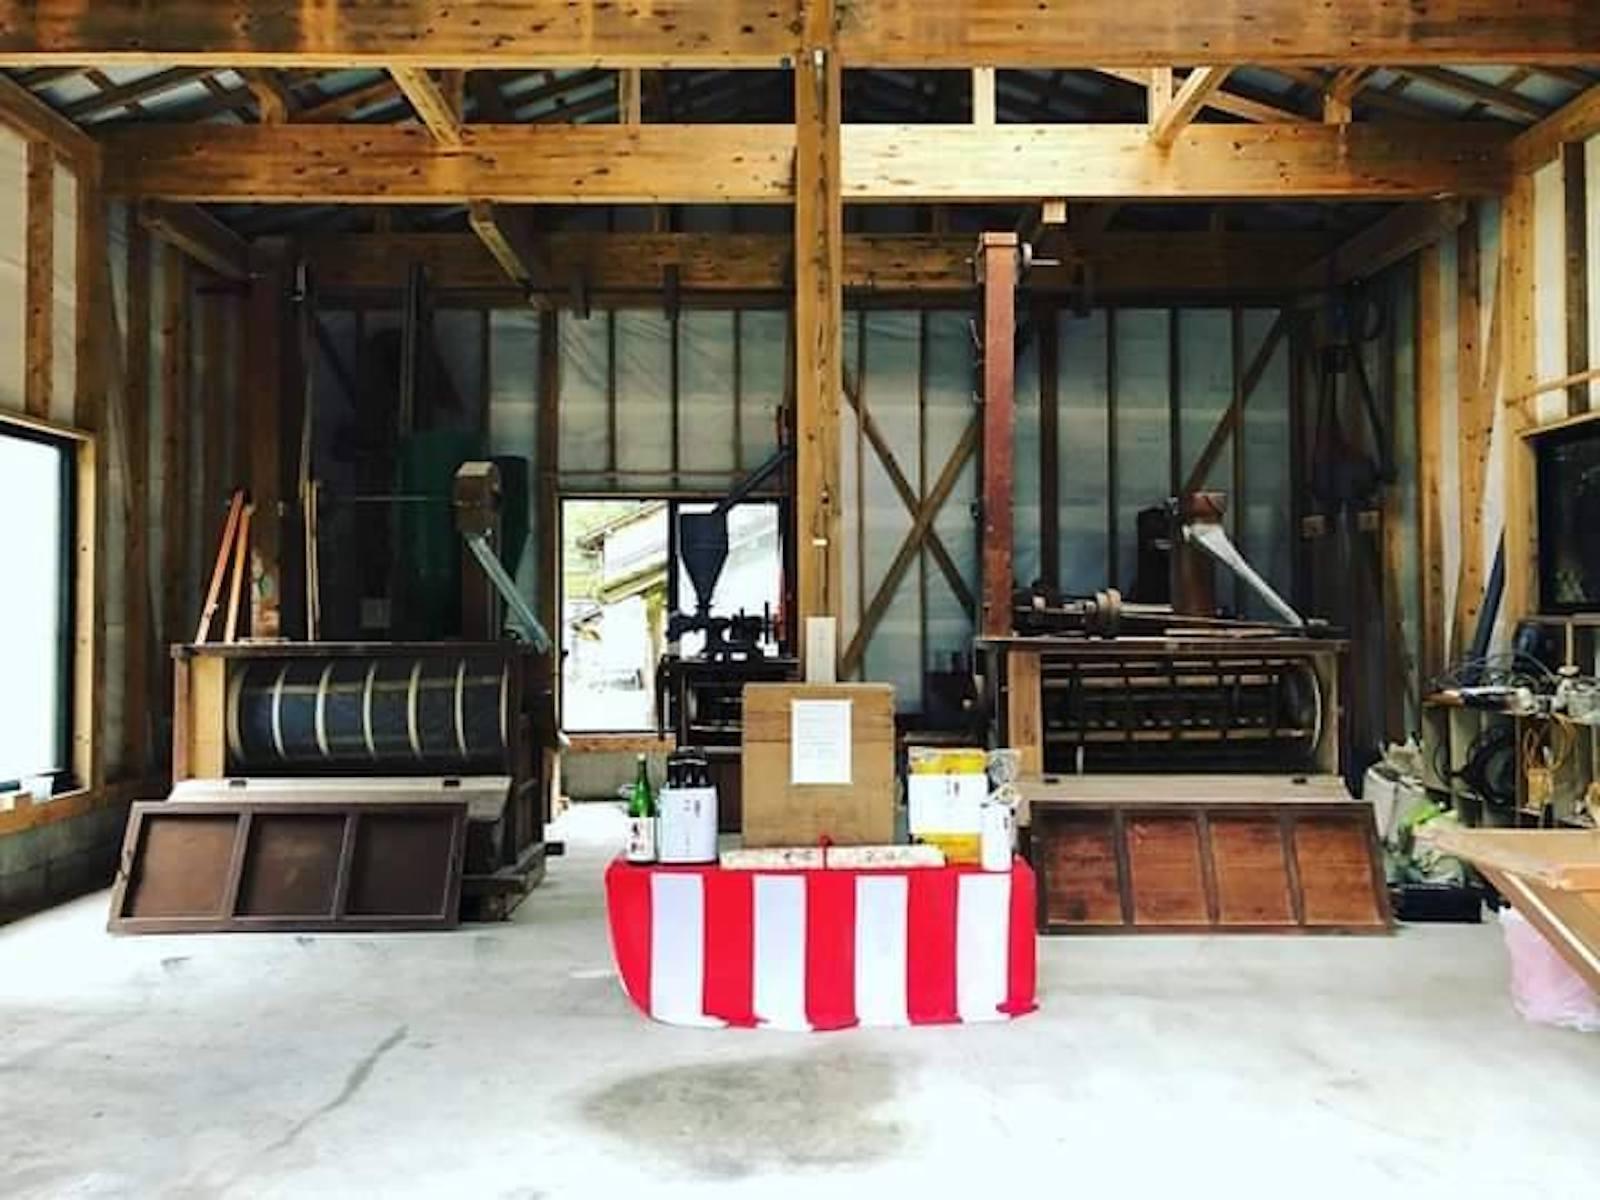 クラウドファンディングで購入した木製のロール式製粉機と製粉所